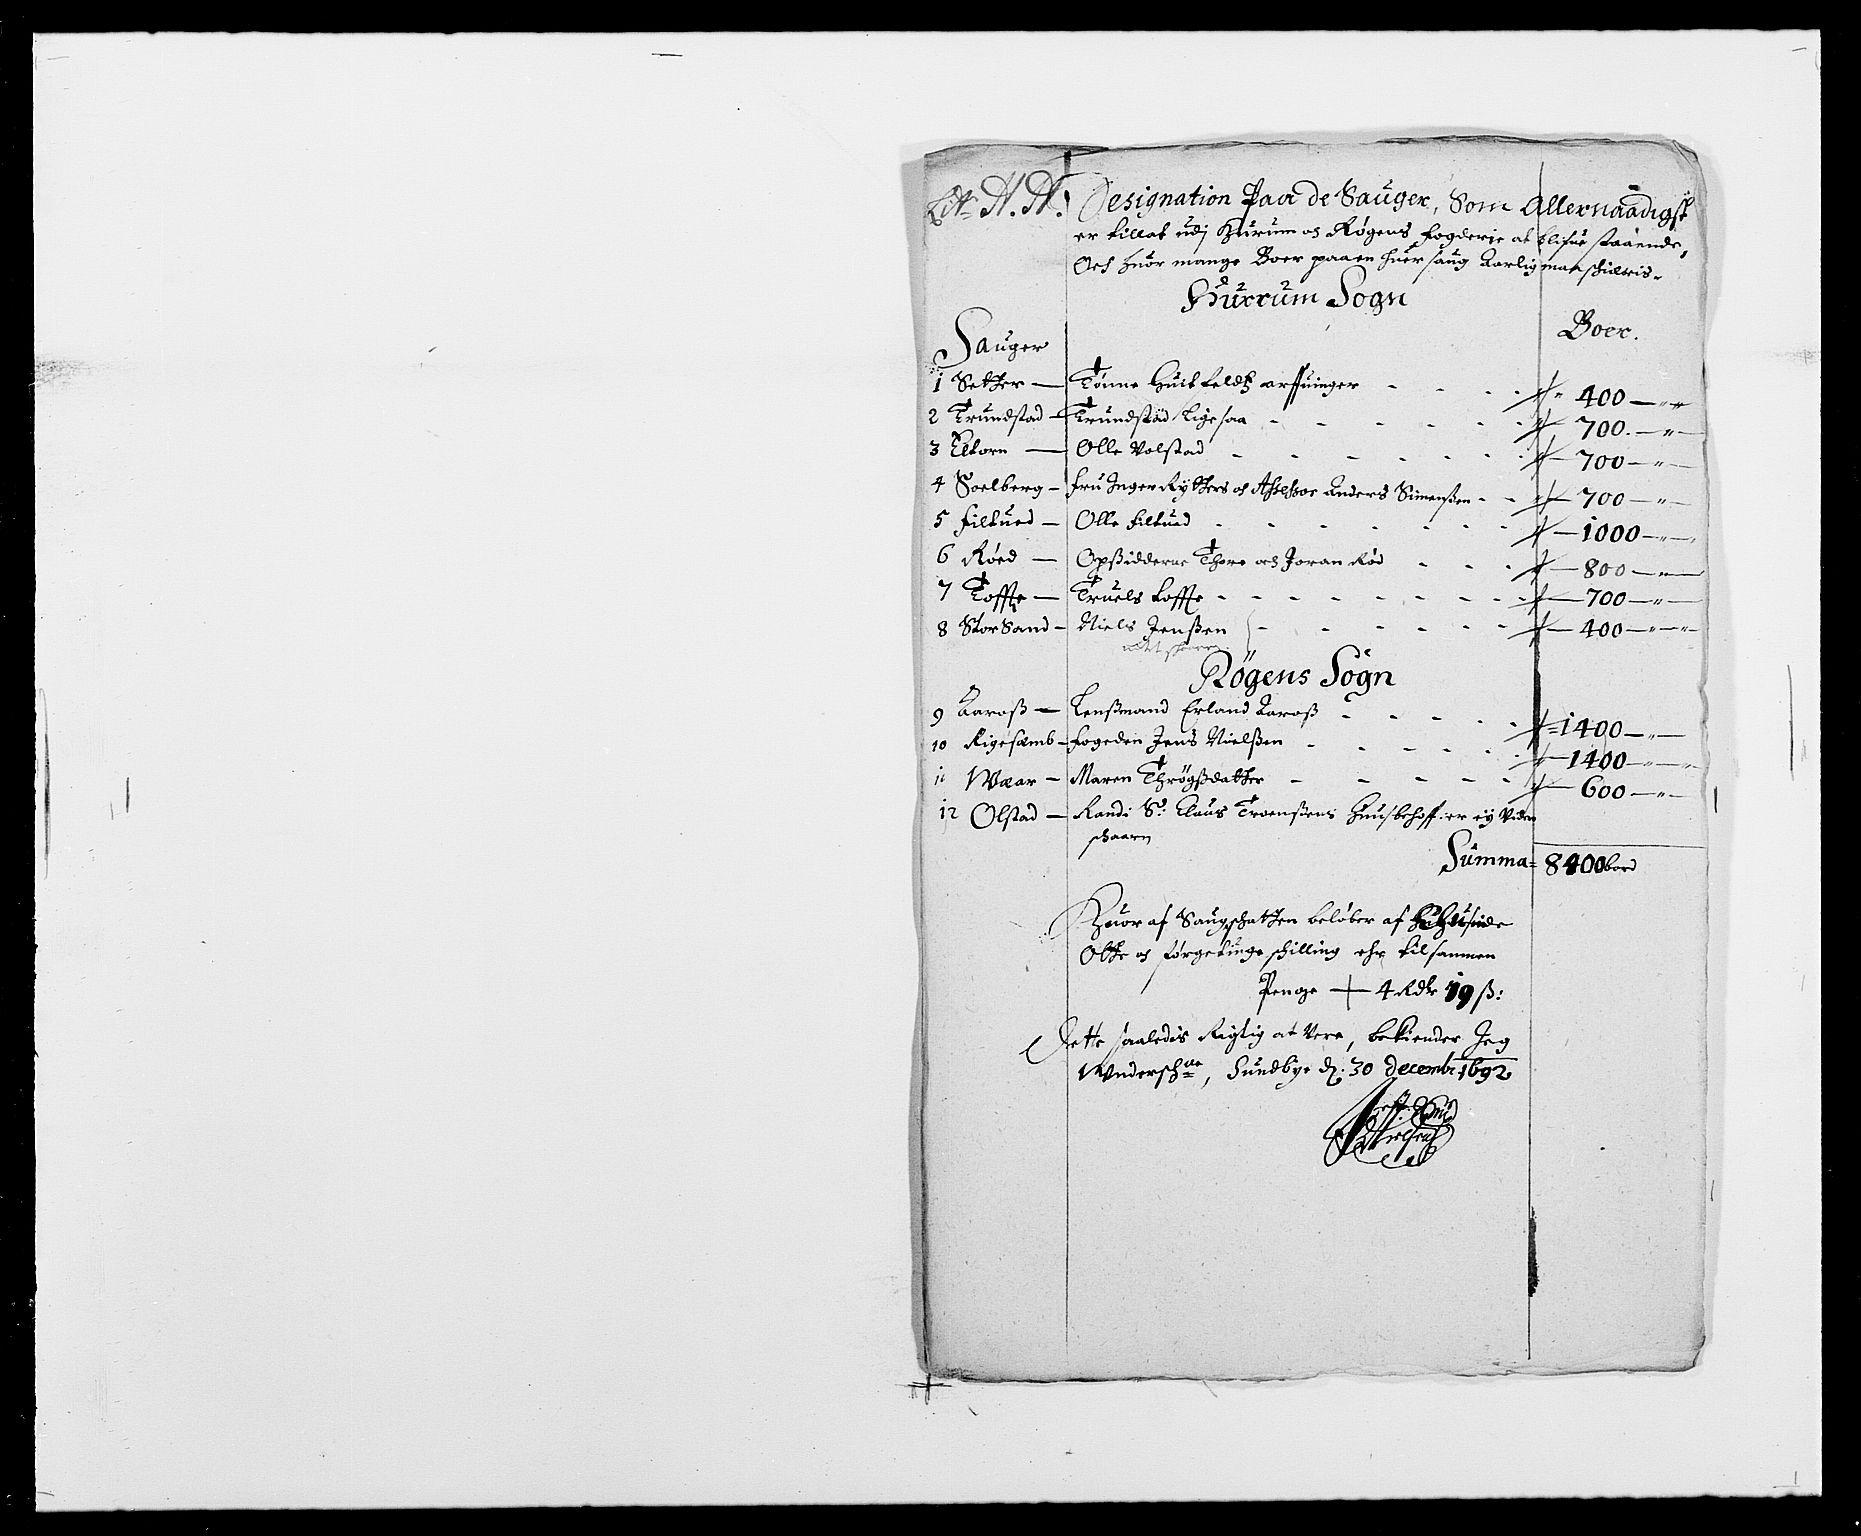 RA, Rentekammeret inntil 1814, Reviderte regnskaper, Fogderegnskap, R29/L1693: Fogderegnskap Hurum og Røyken, 1688-1693, s. 260